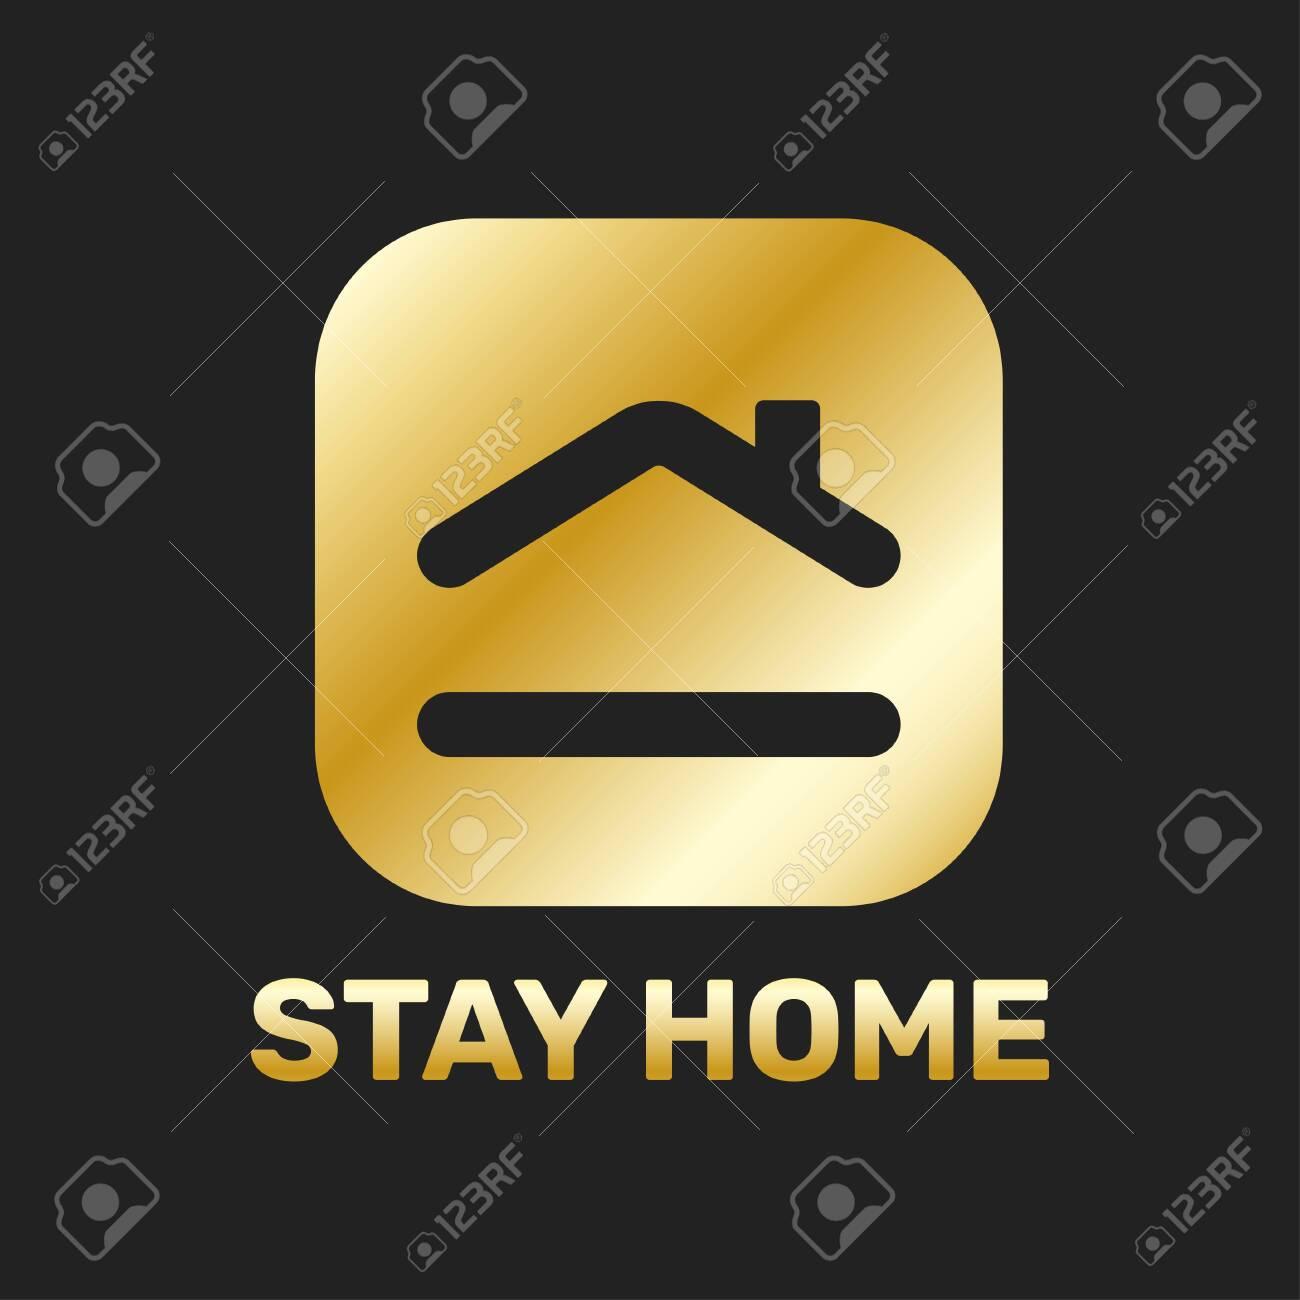 Stay home sticker icon for quarantine company coronavirus covid in golden color. - 145260492